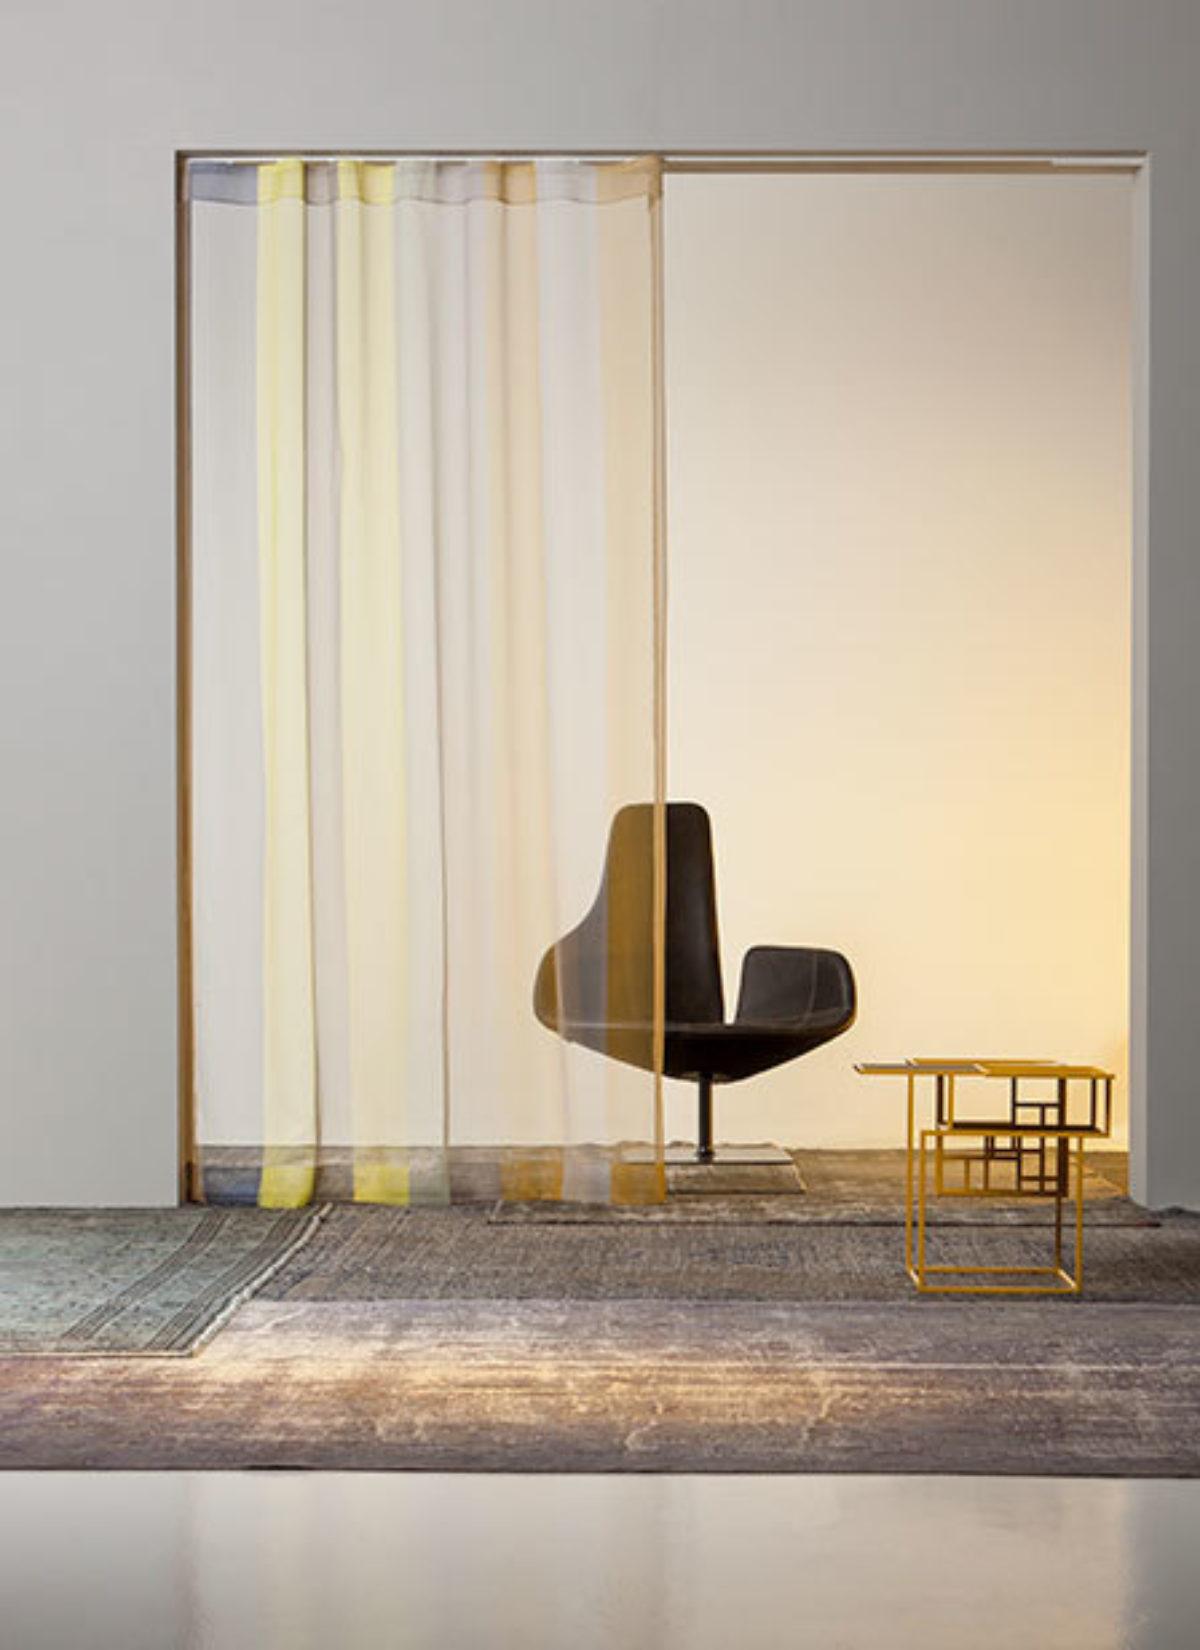 Kendix gordijnen in between vitrage stoffen collectie mist stripe sfeer